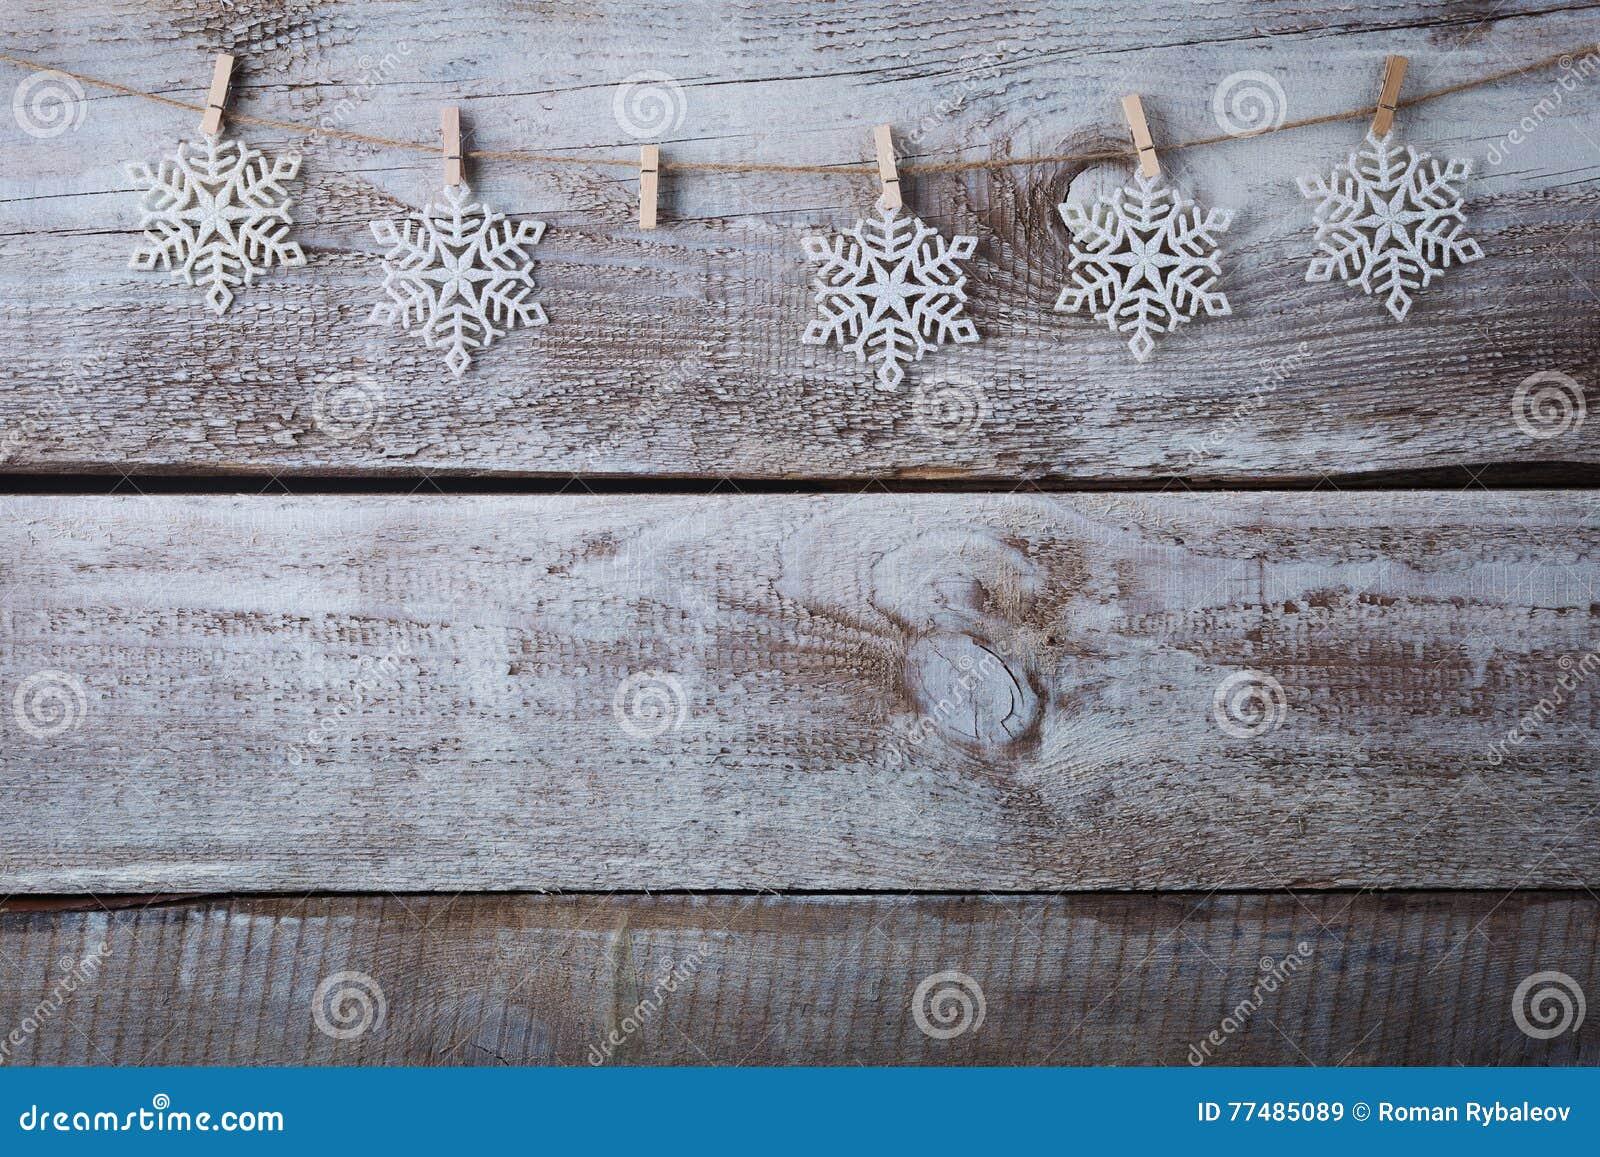 Decorazioni di natale x28 snowflake x29 appendendo sopra il fondo di legno immagine stock - Decorazioni di legno ...